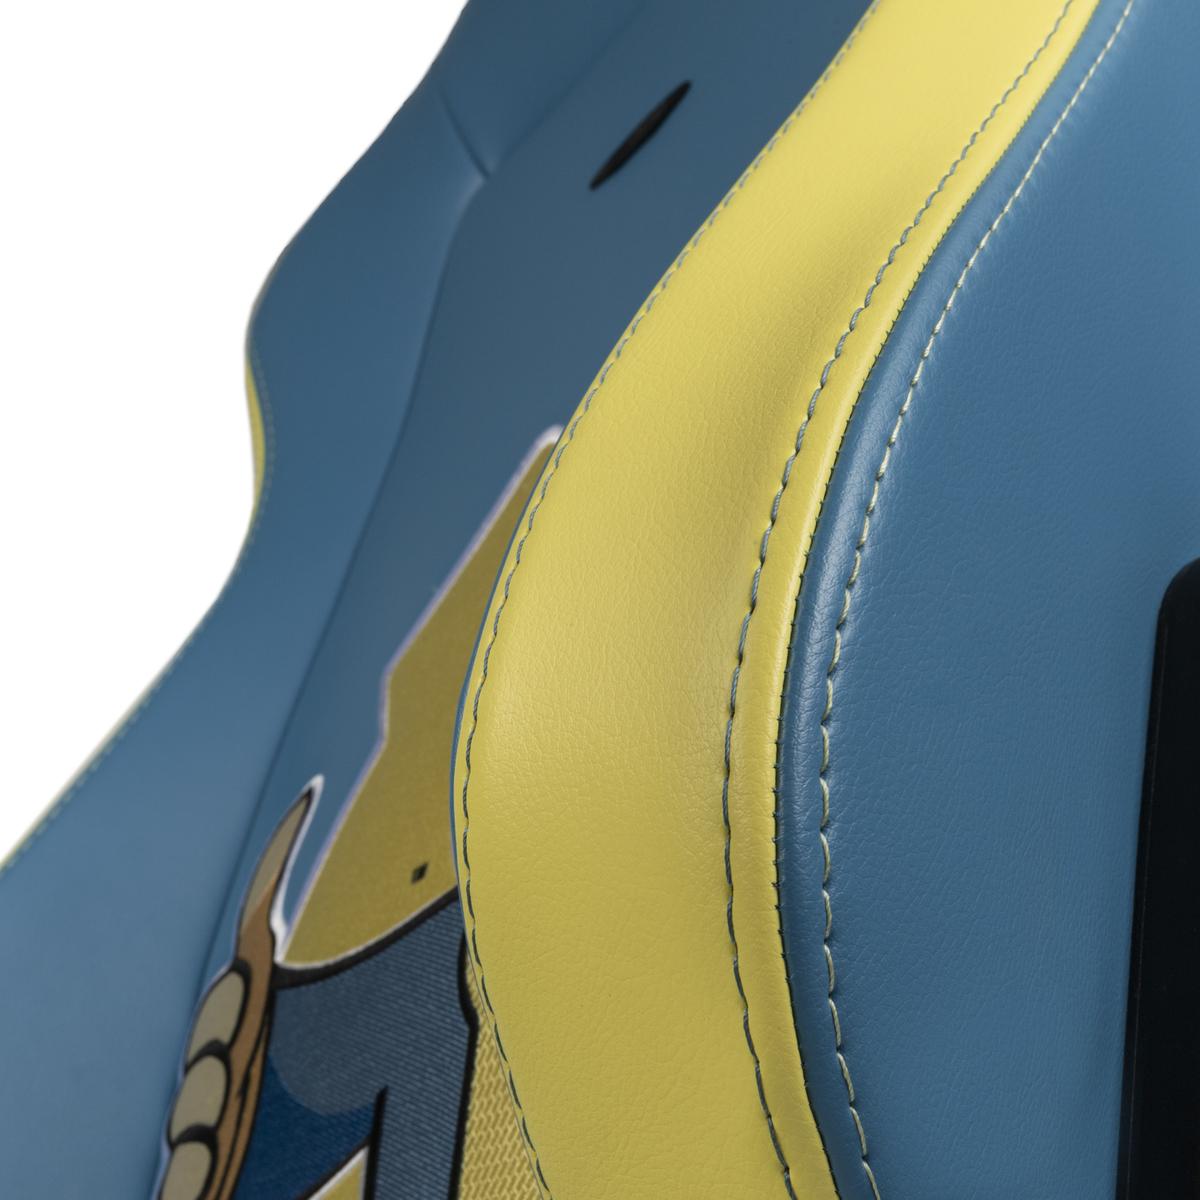 ポリウレタン樹脂レザーは本革のようなしっとりとした肌触りに